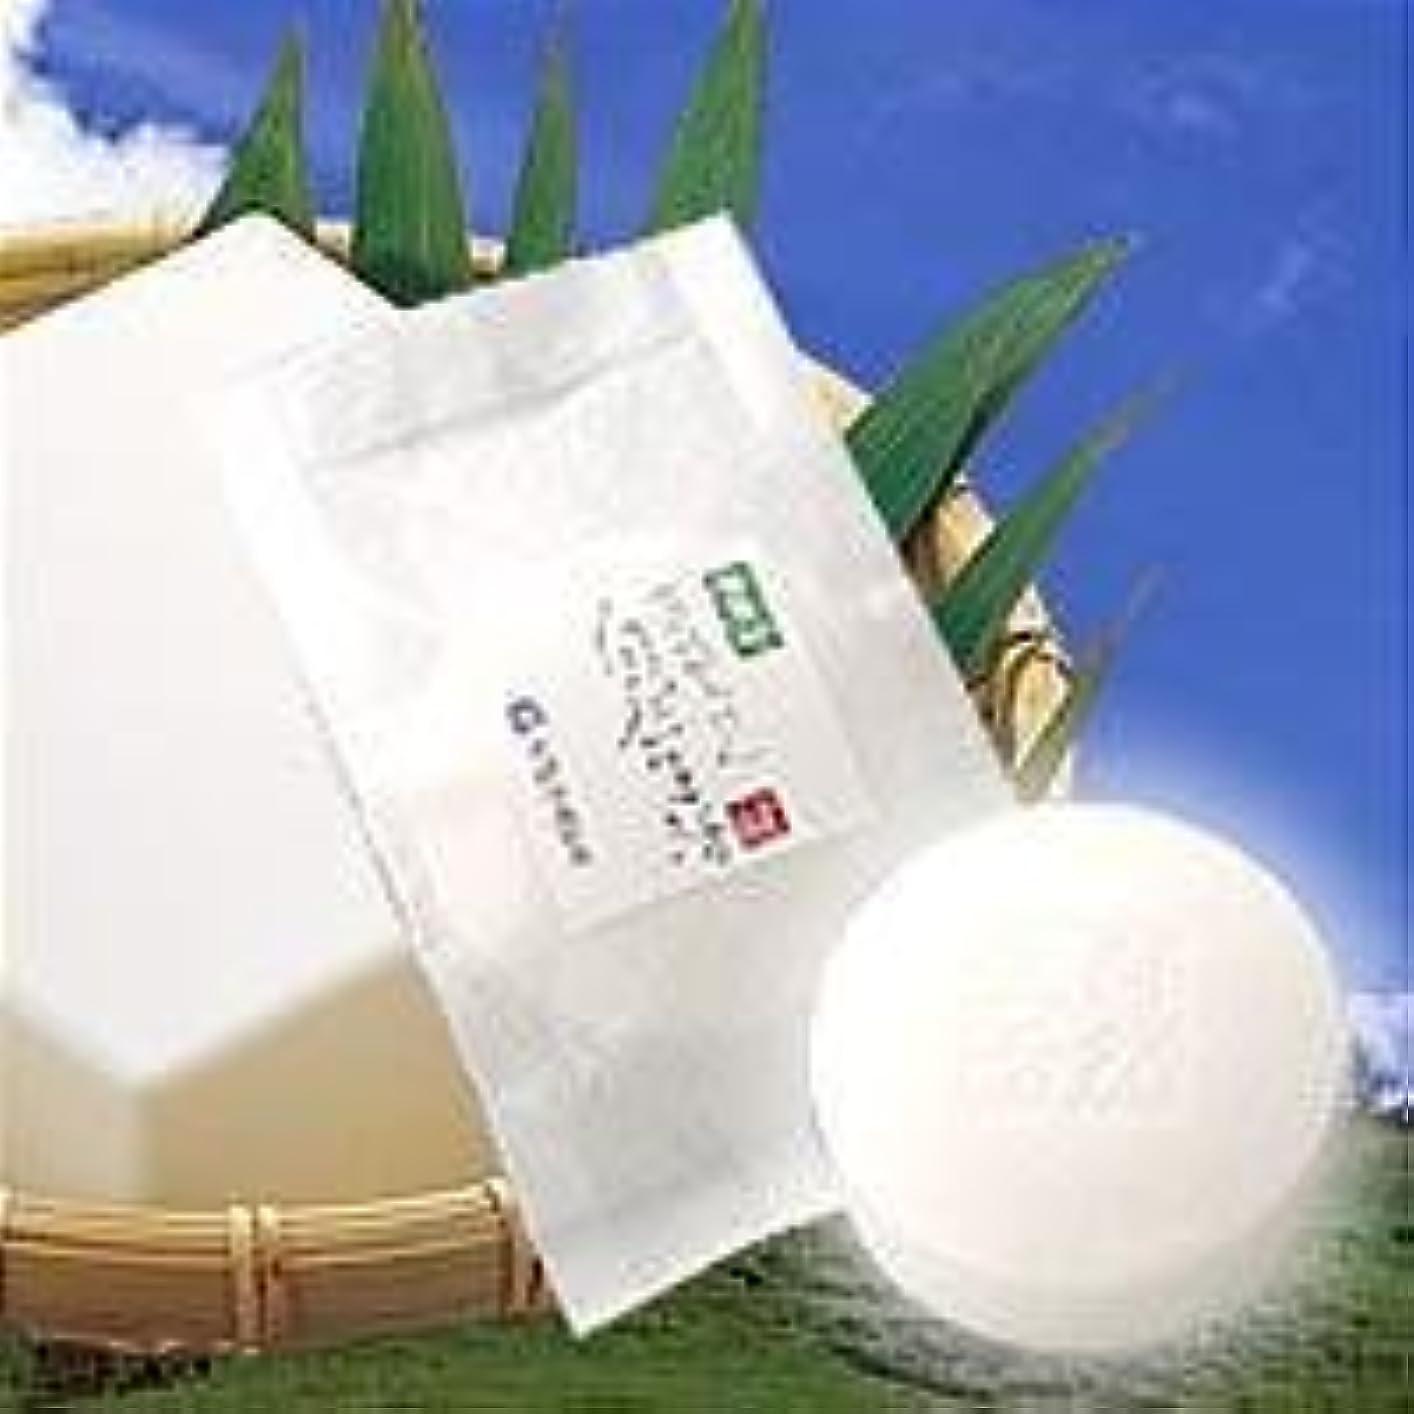 なめらか報奨金解凍する、雪解け、霜解け豆腐の盛田屋 豆乳せっけん 自然生活